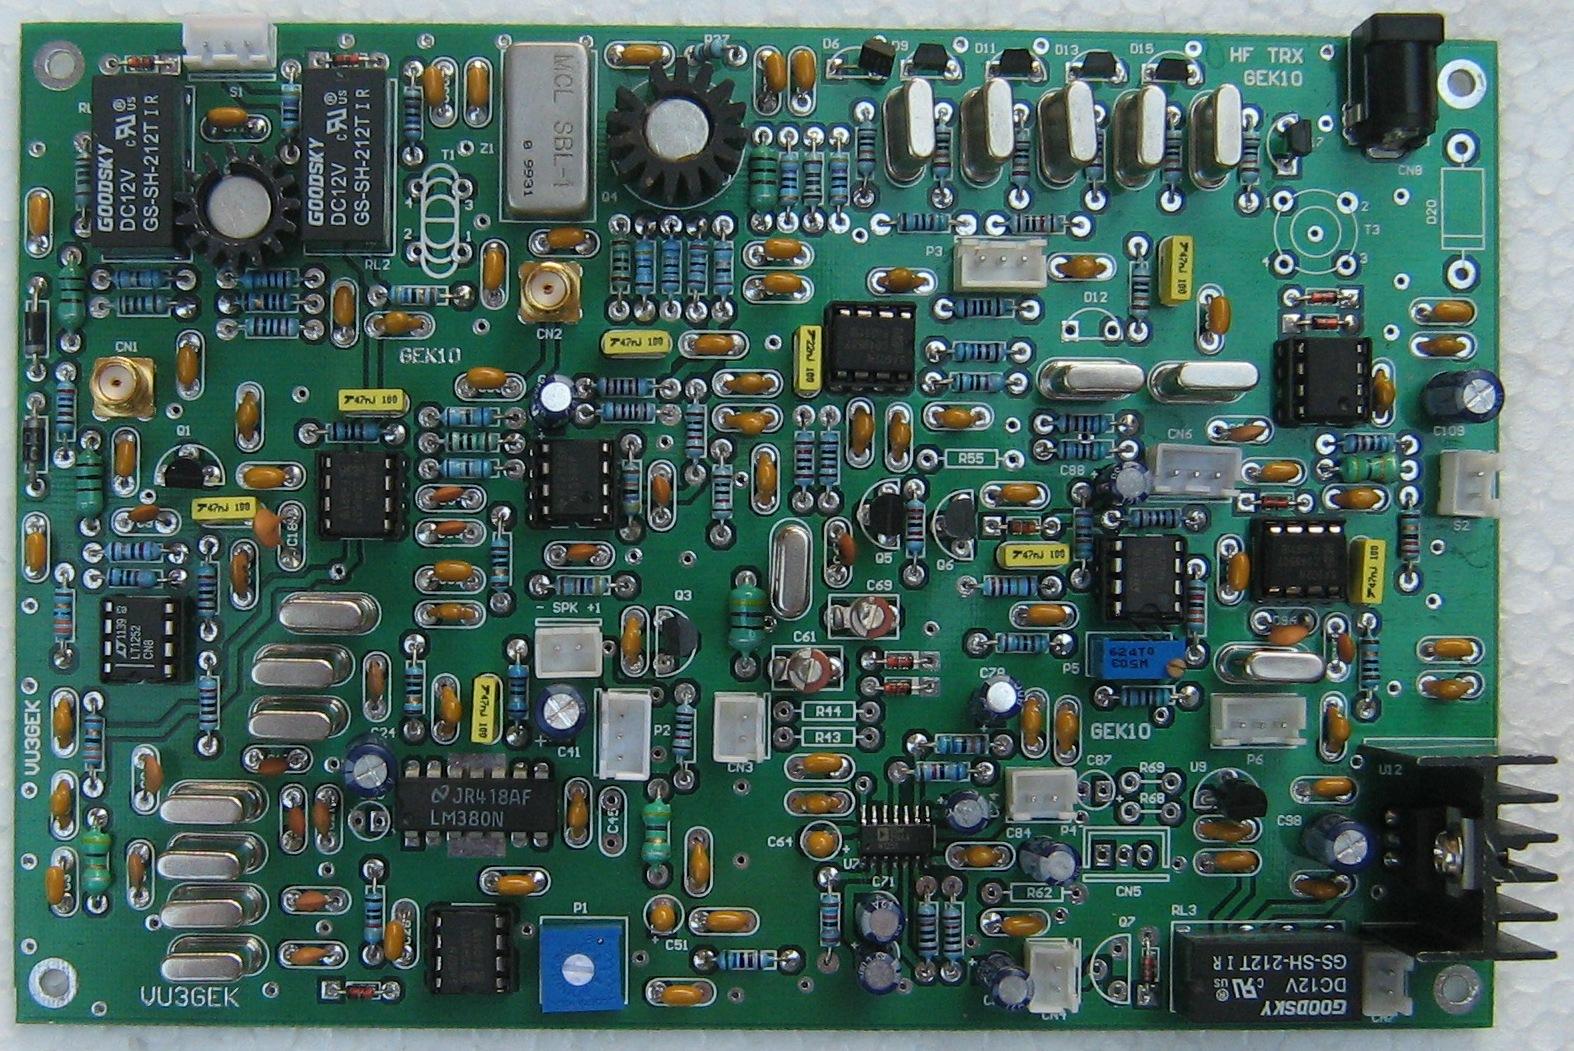 VU3GEK_KJ6LRR_GEK10 Transceiver HF